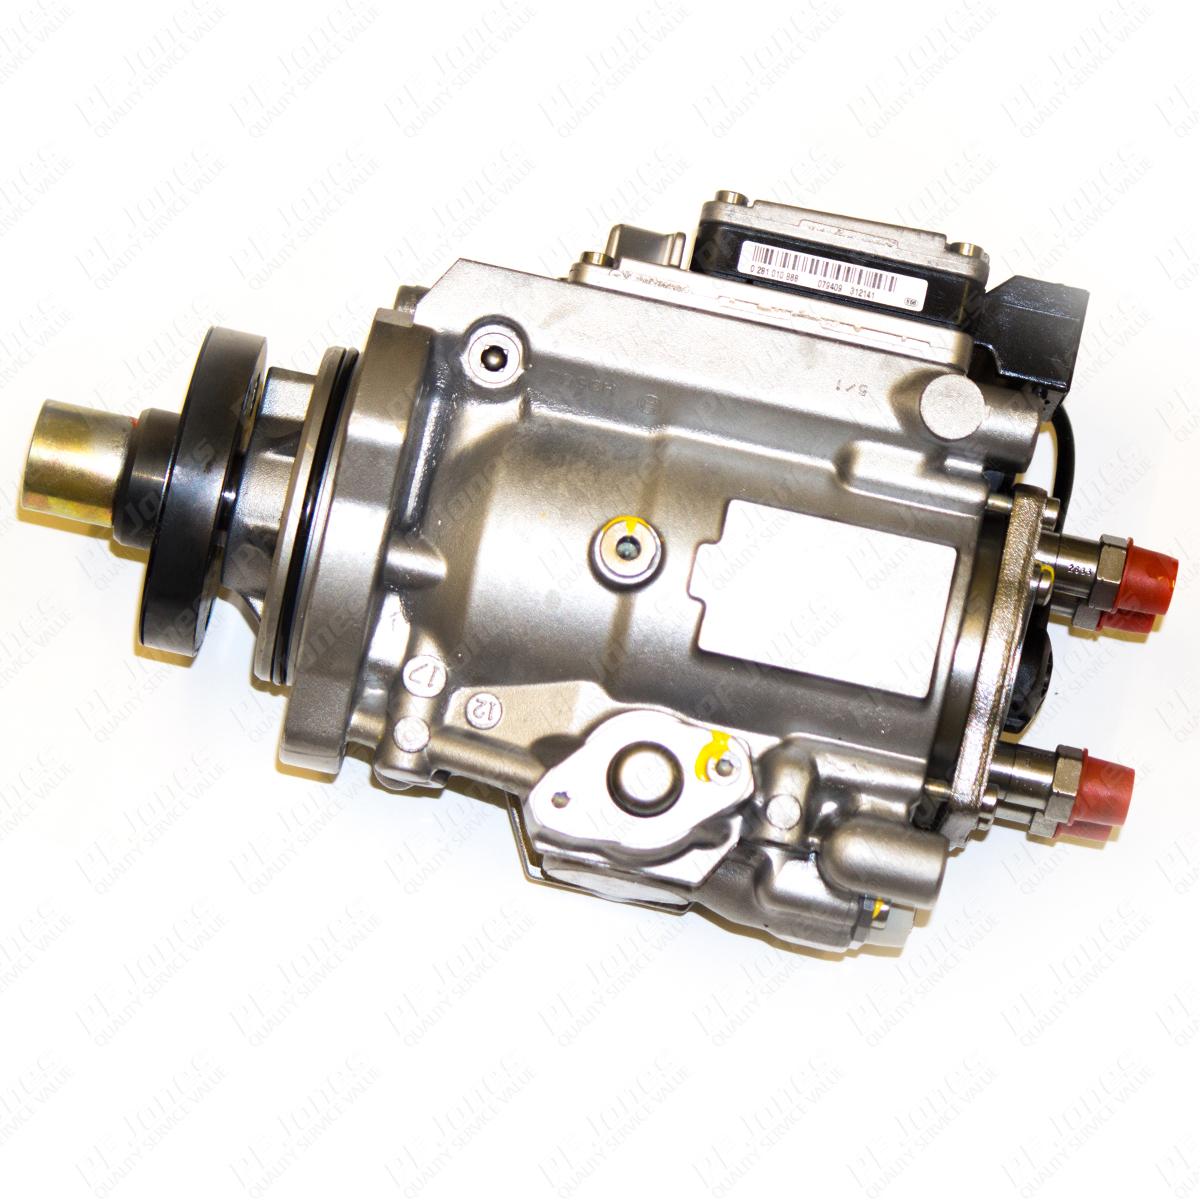 nissan navara d22 diesel workshop manual